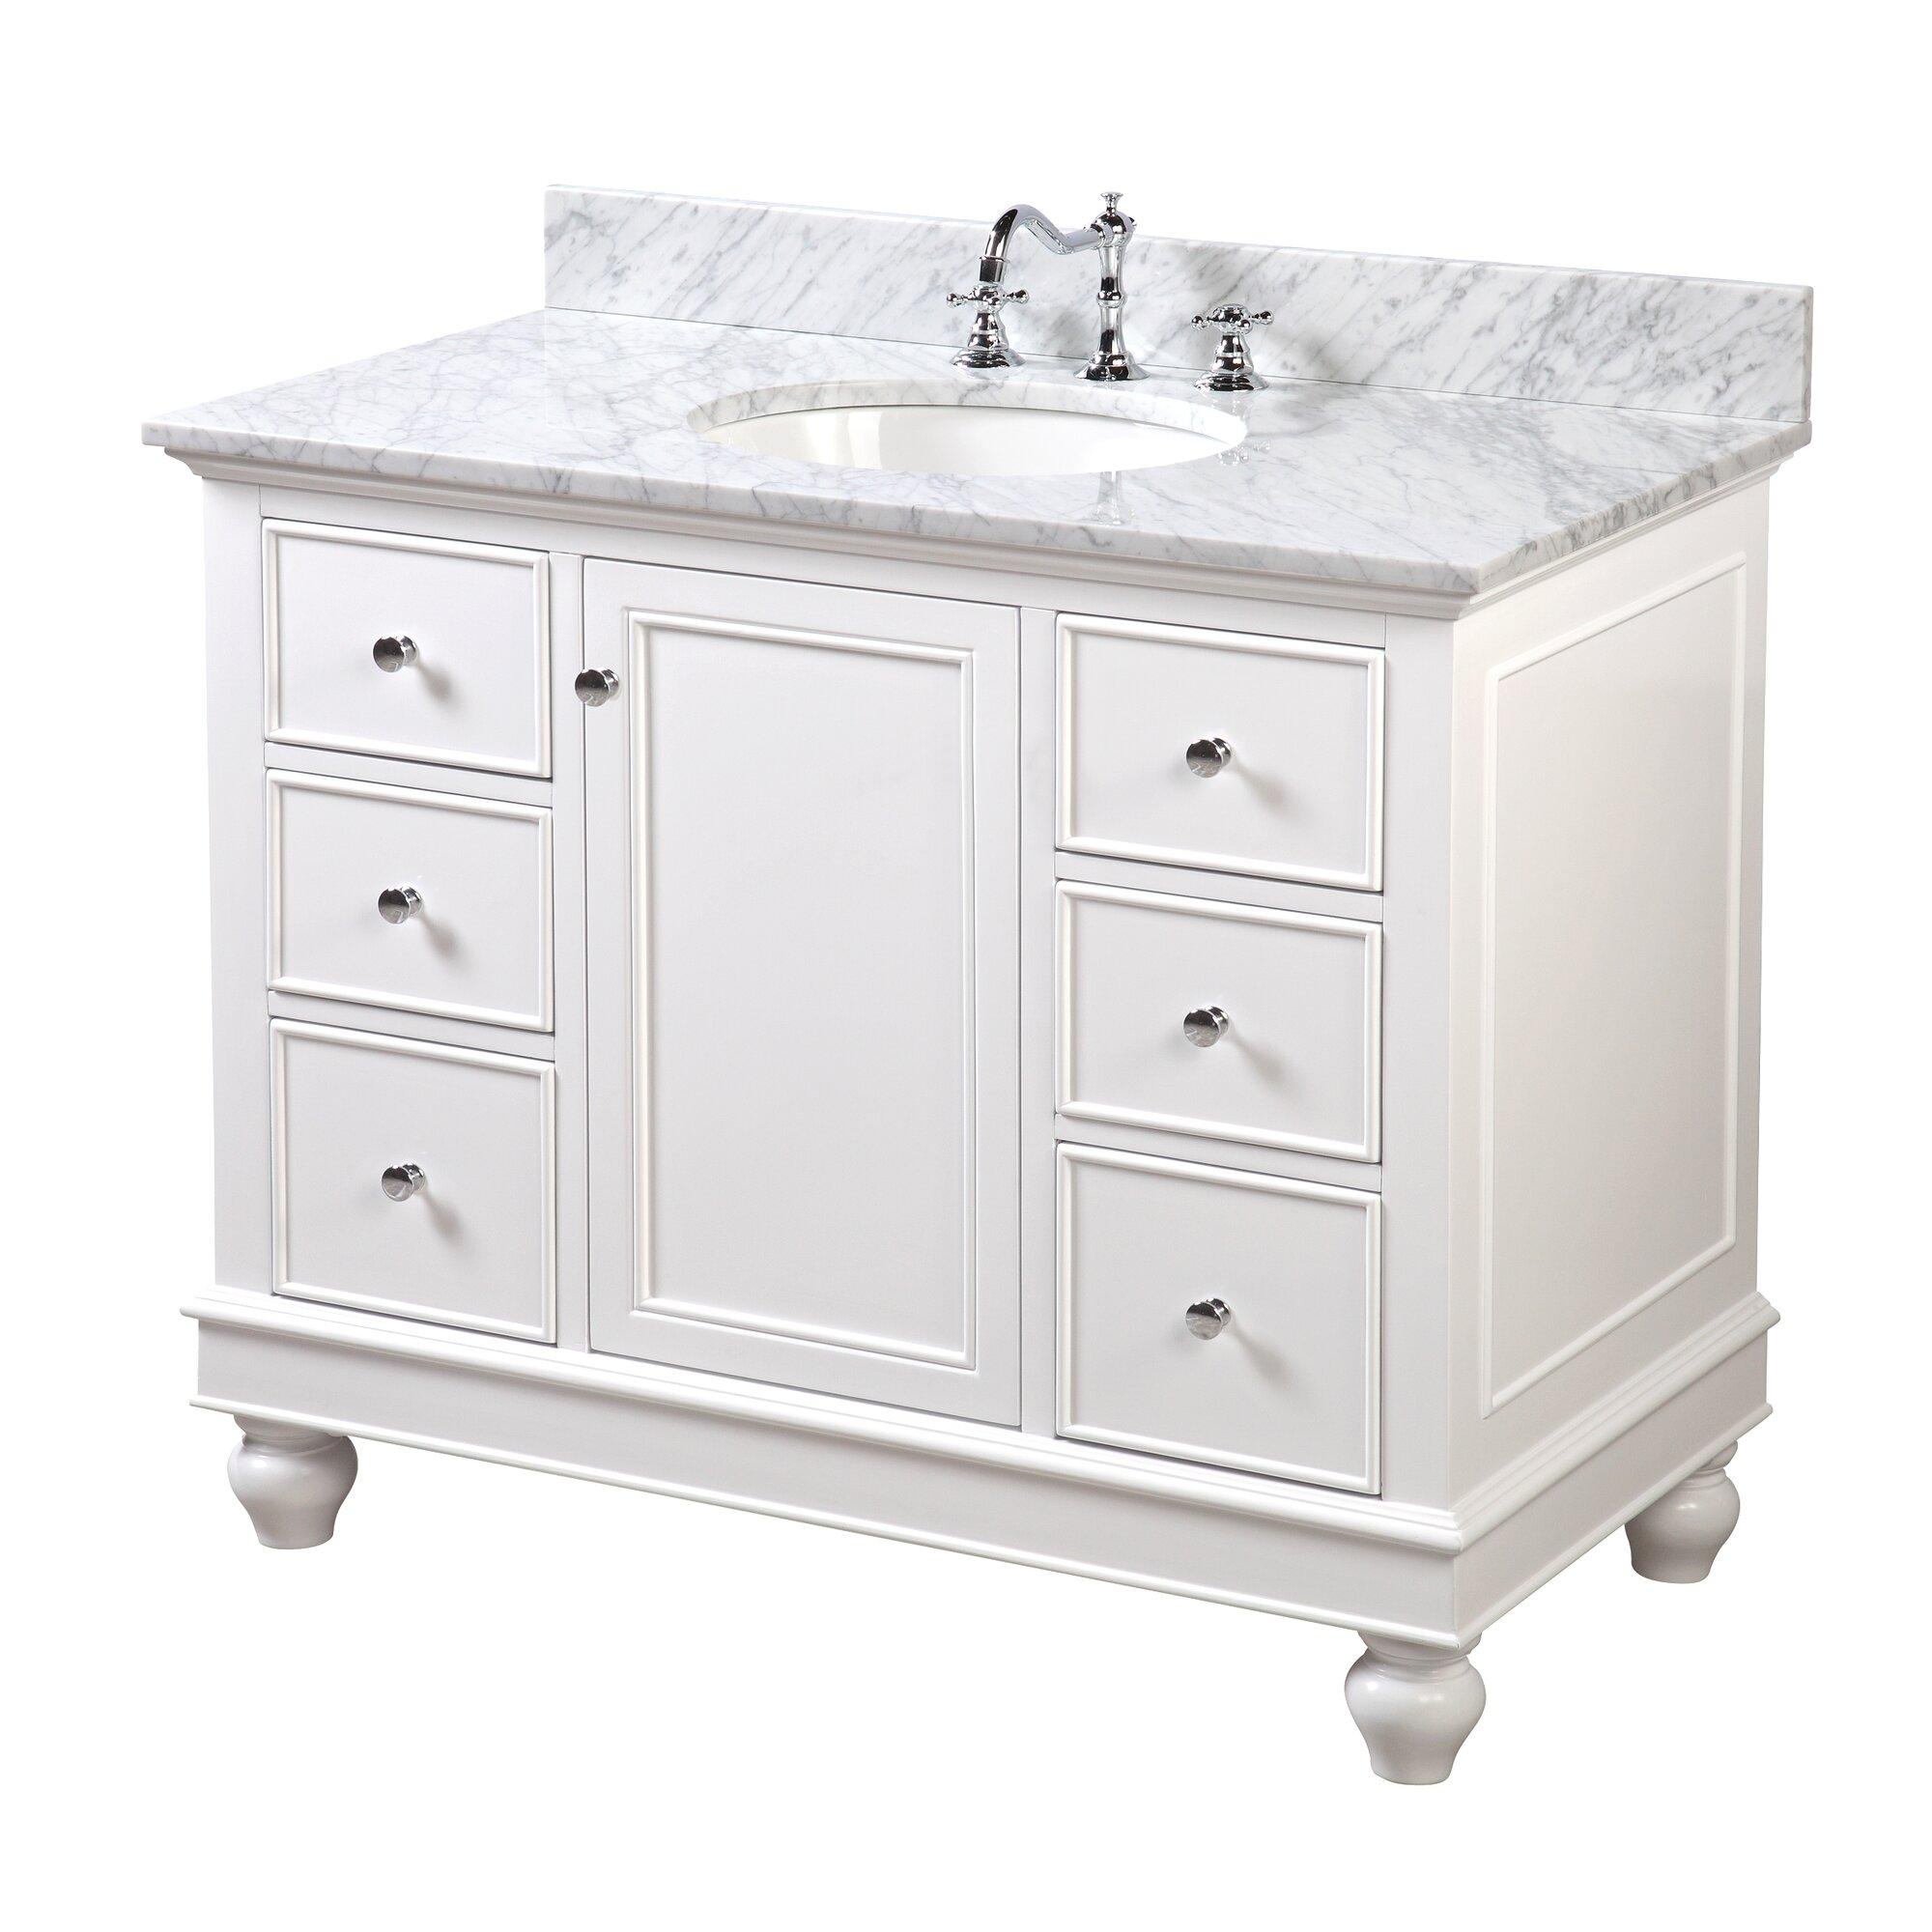 Kbc bella 42 single bathroom vanity set reviews wayfair for 42 inch vanities for bathrooms